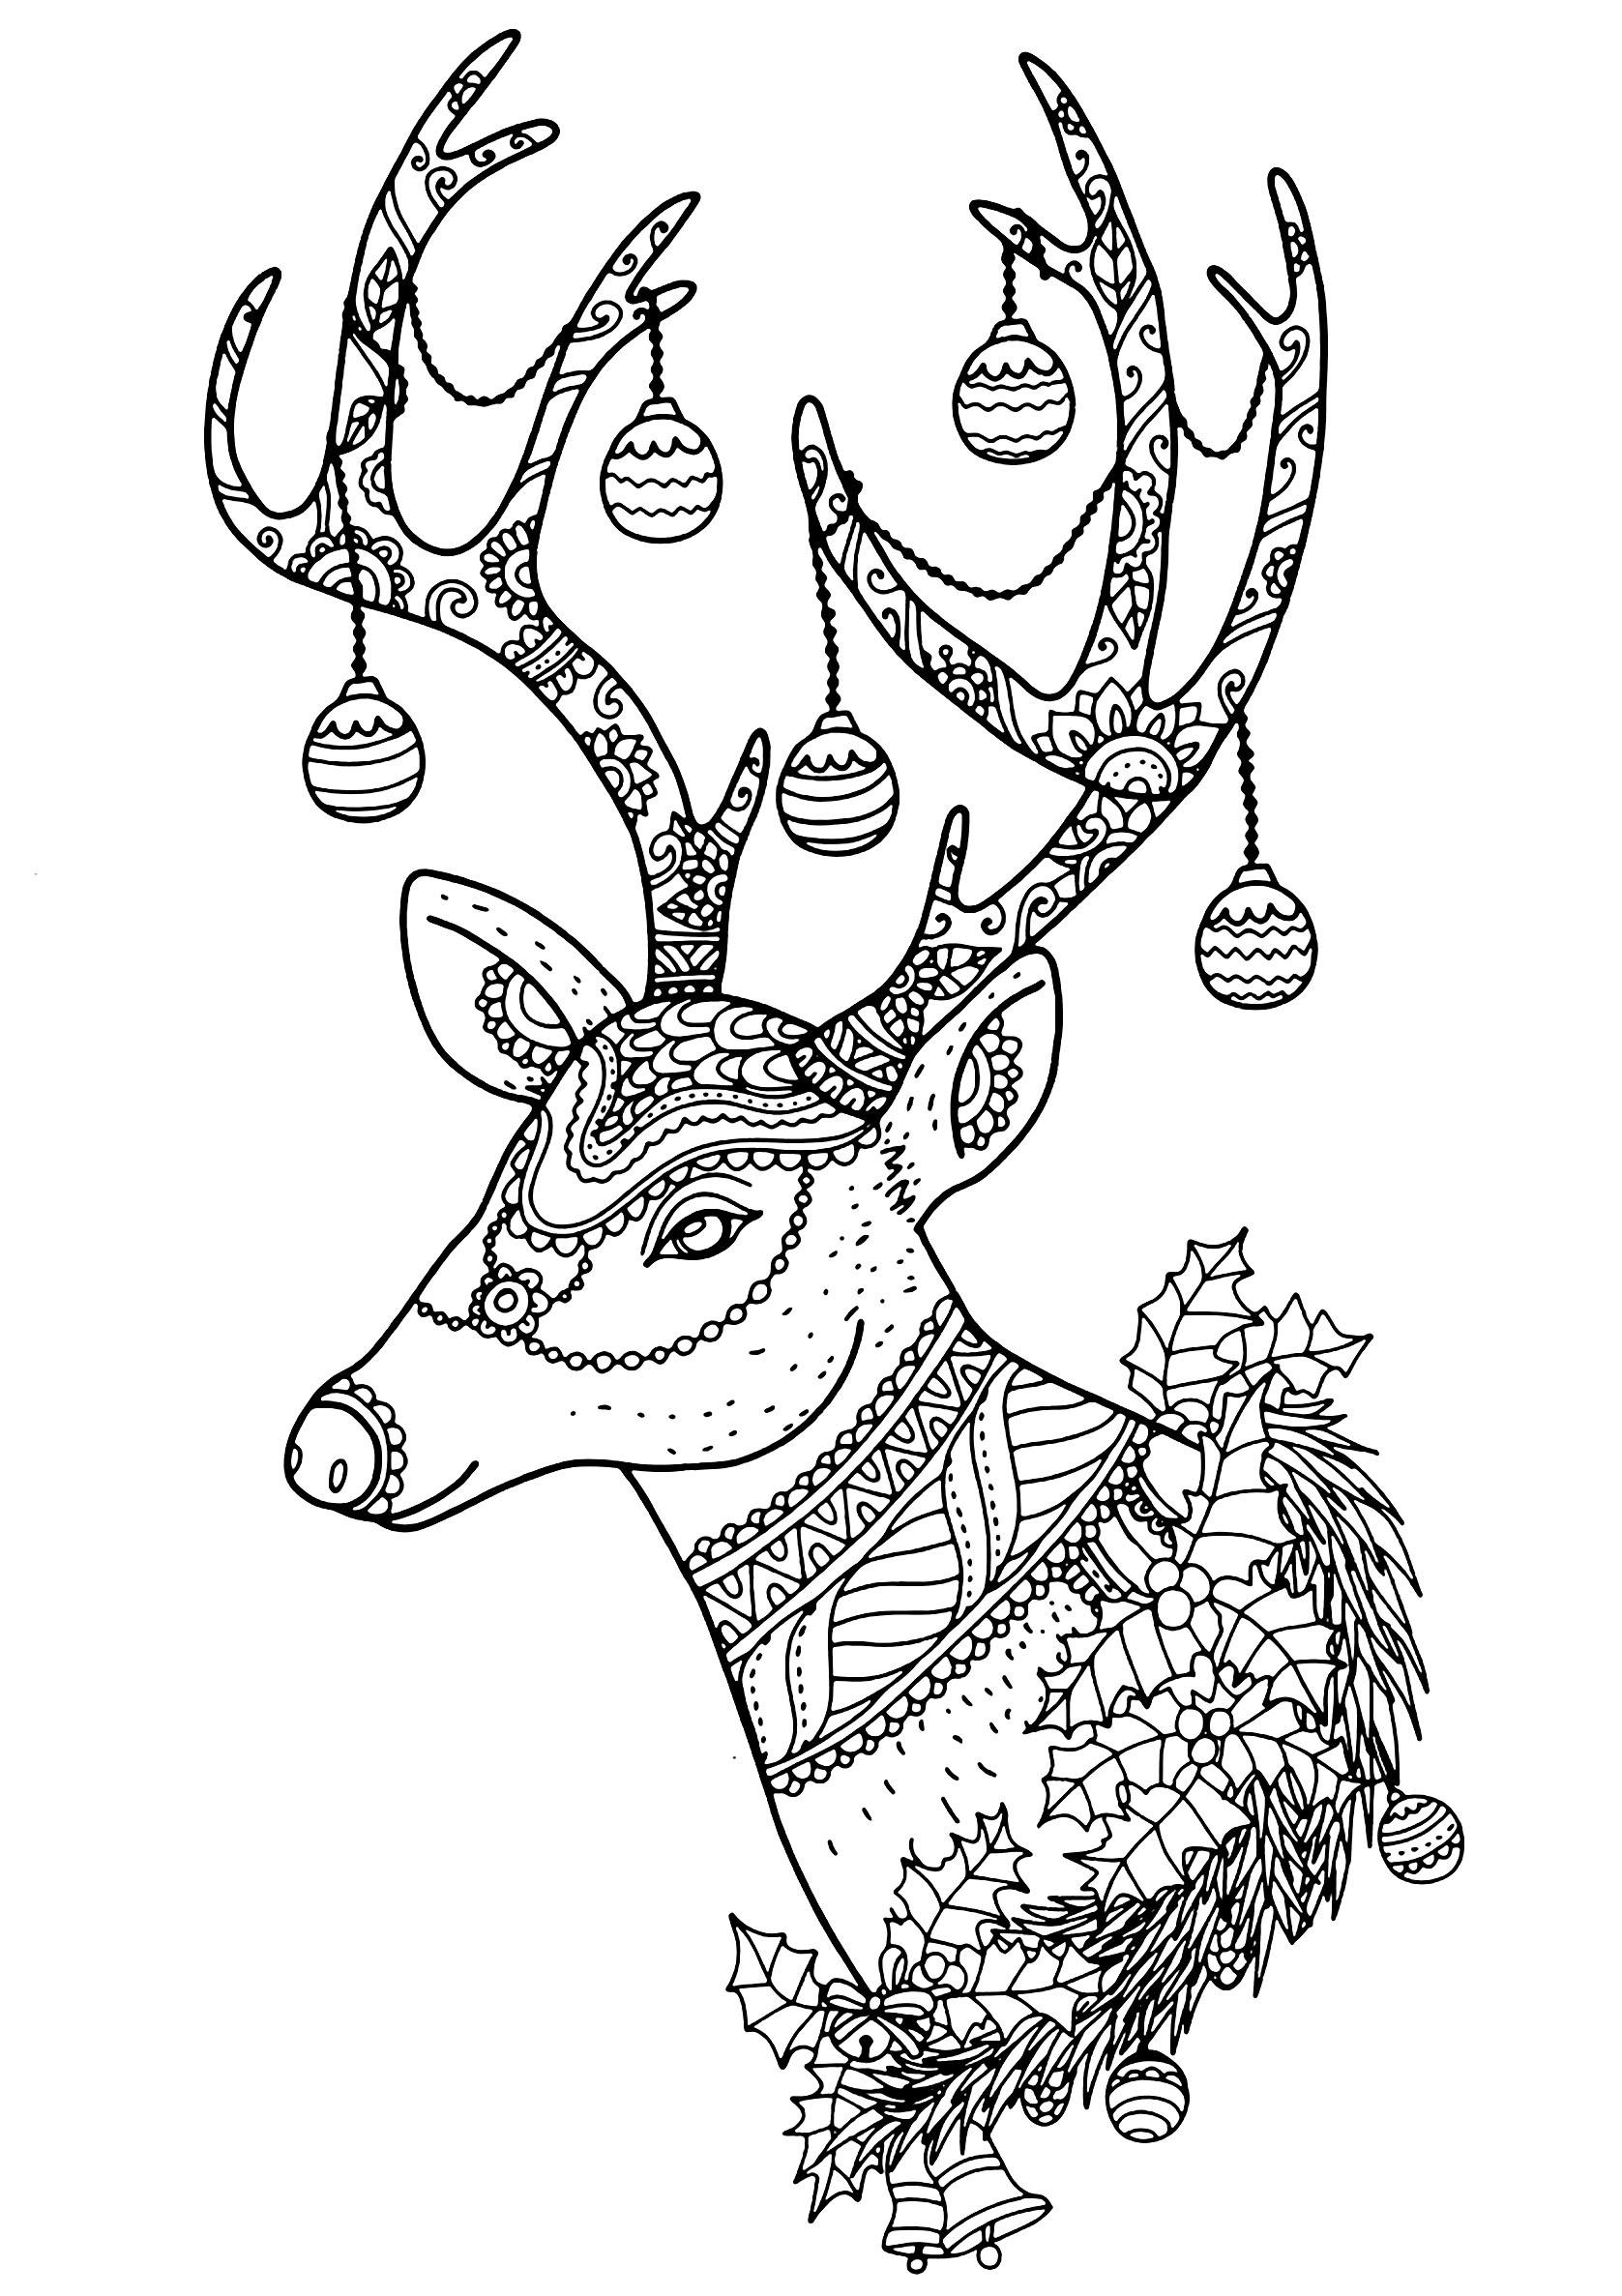 Renne noel nontachai hengtragool   Coloriages de Noël   Coloriages